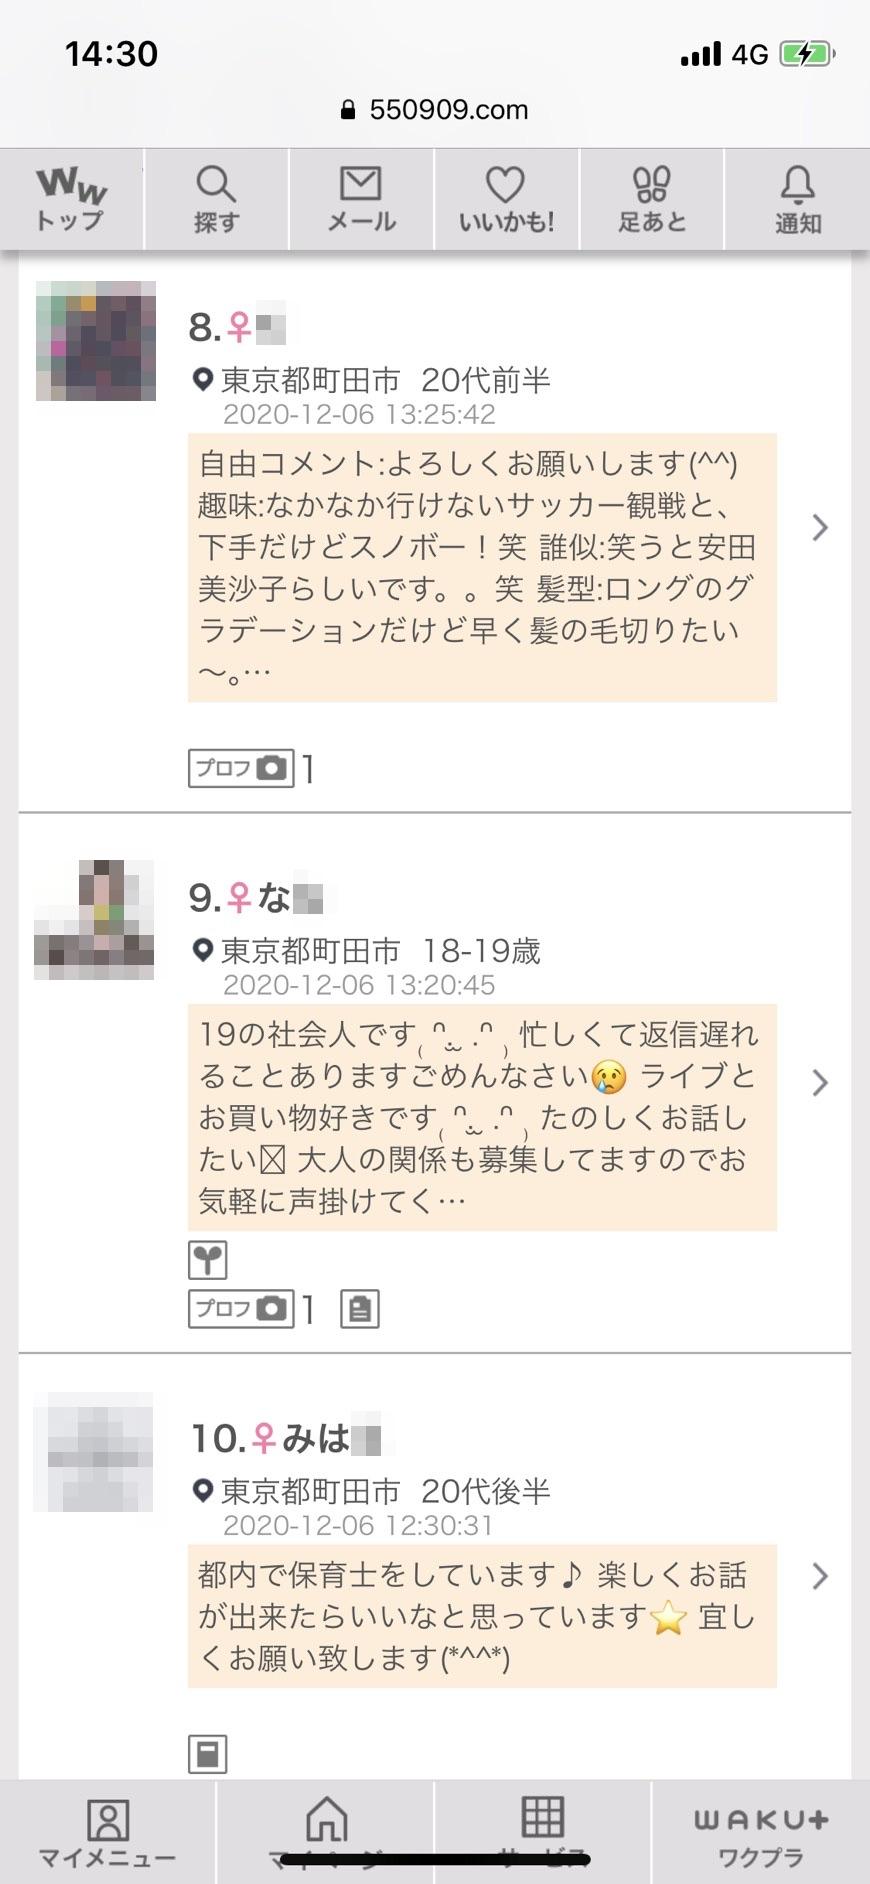 町田・出会い希望(ワクワクメール)